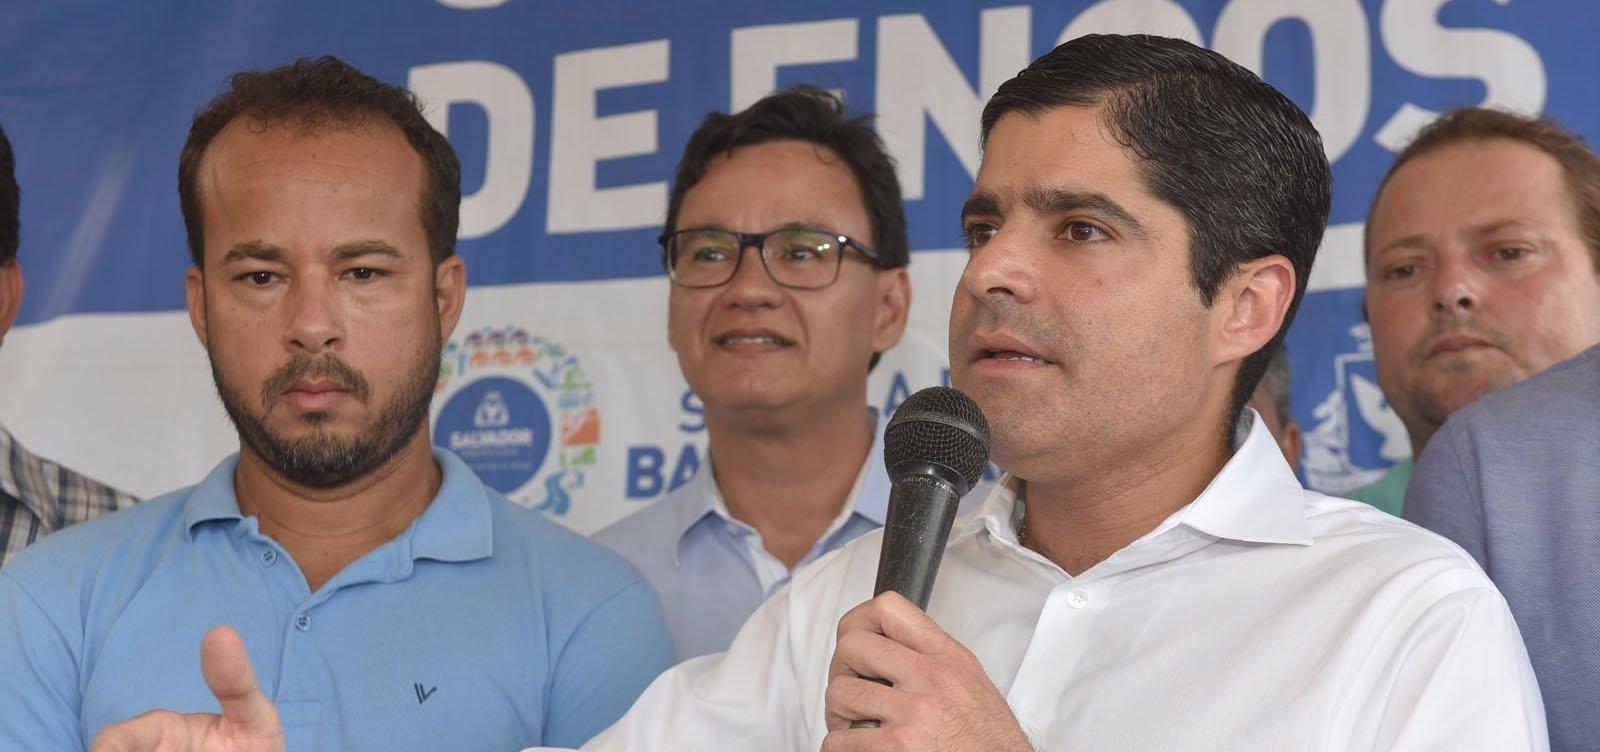 [Apoiador de Alckmin, Neto critica 'poste' Haddad e inexperiência de Bolsonaro]